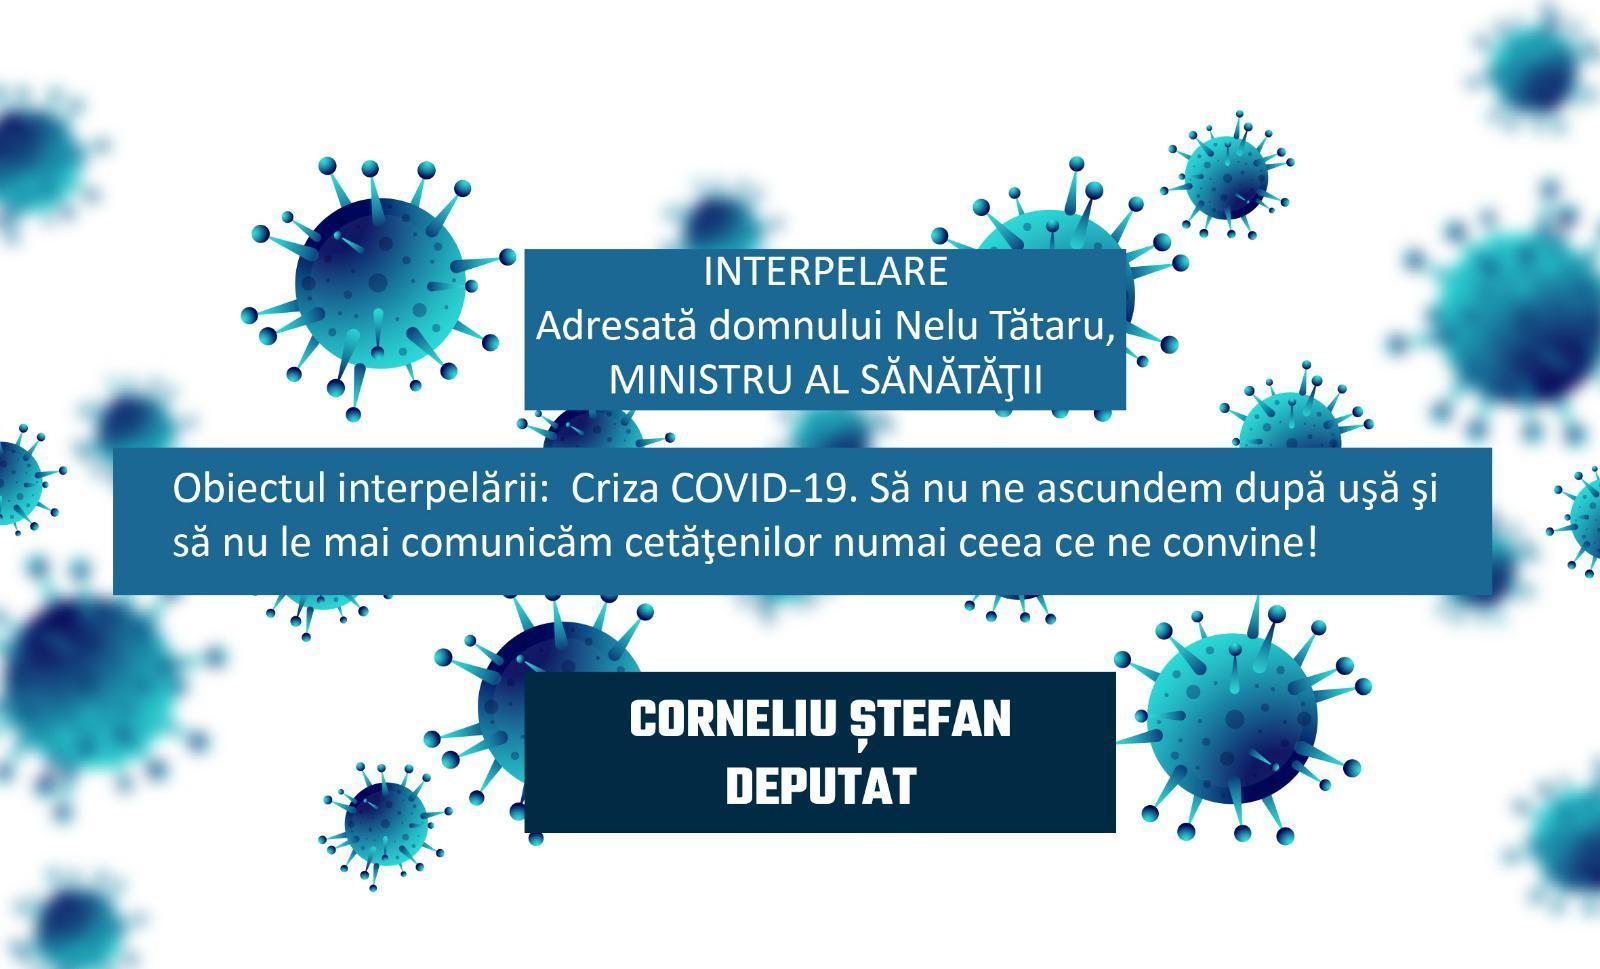 Deputatul PSD Dâmbovița, Corneliul Ștefan către Ministrul Sănătății: Dacă ne ascundem după ușă și le servim cetățenilor numai ceea ce ne convine, nu eradicăm coronavirusul, nu disciplinăm oameni